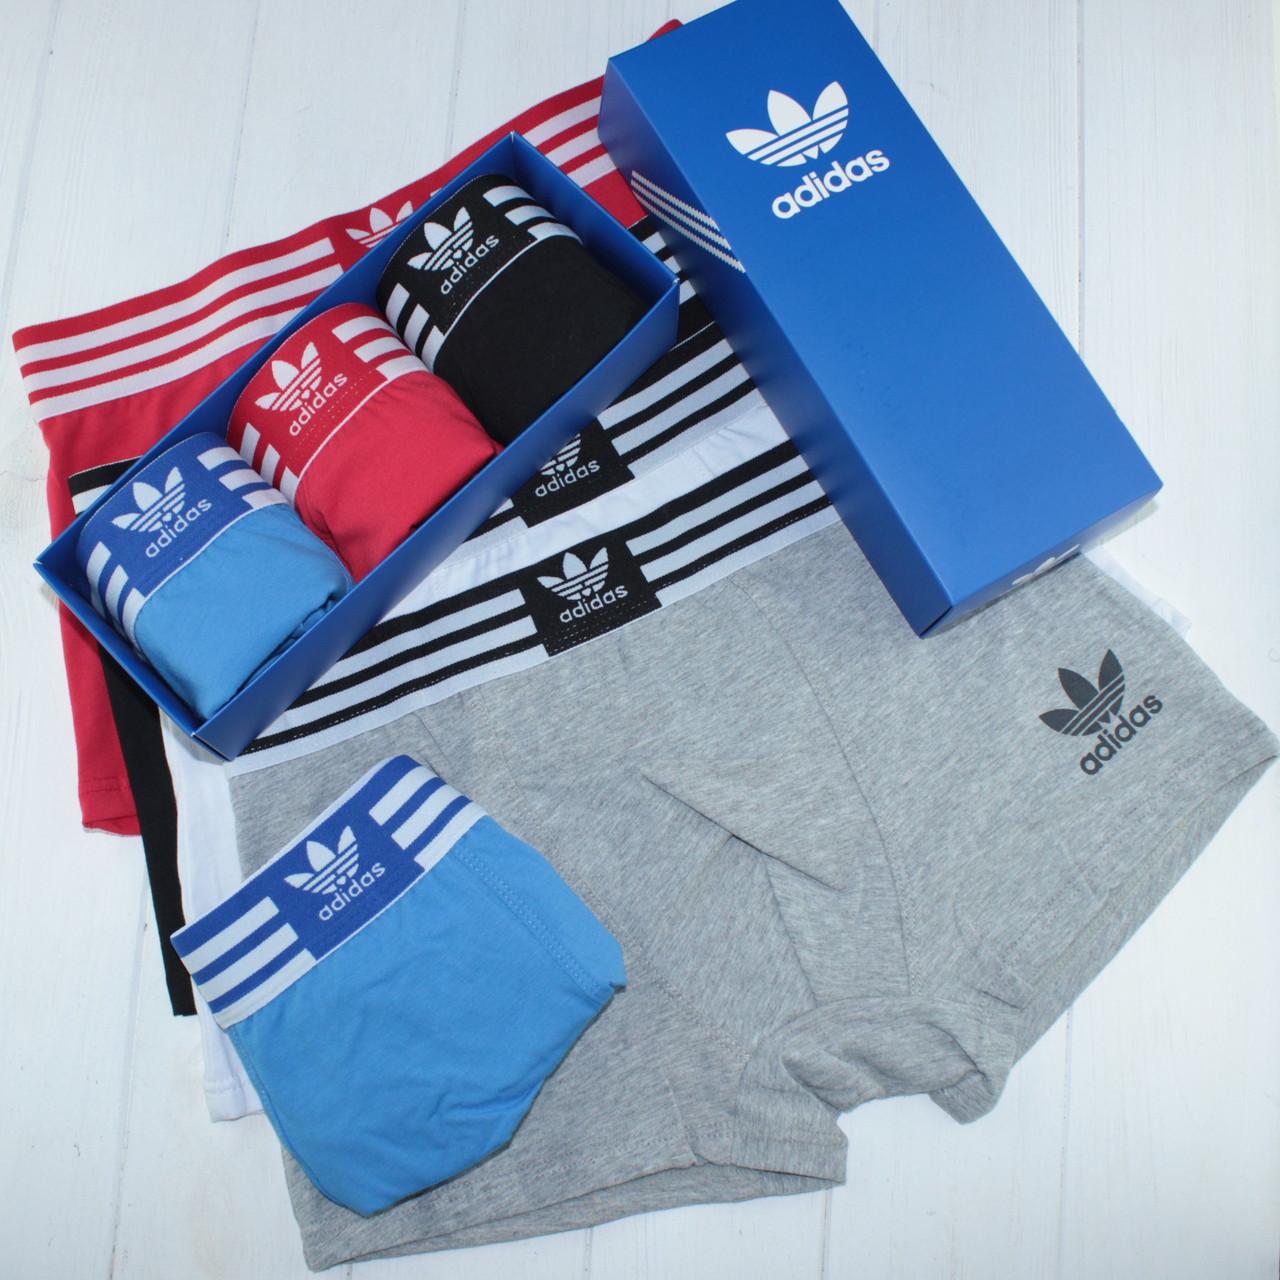 Мужские трусы боксеры транки шорты Adidas Адидас хлопок 3 штуки на выбор